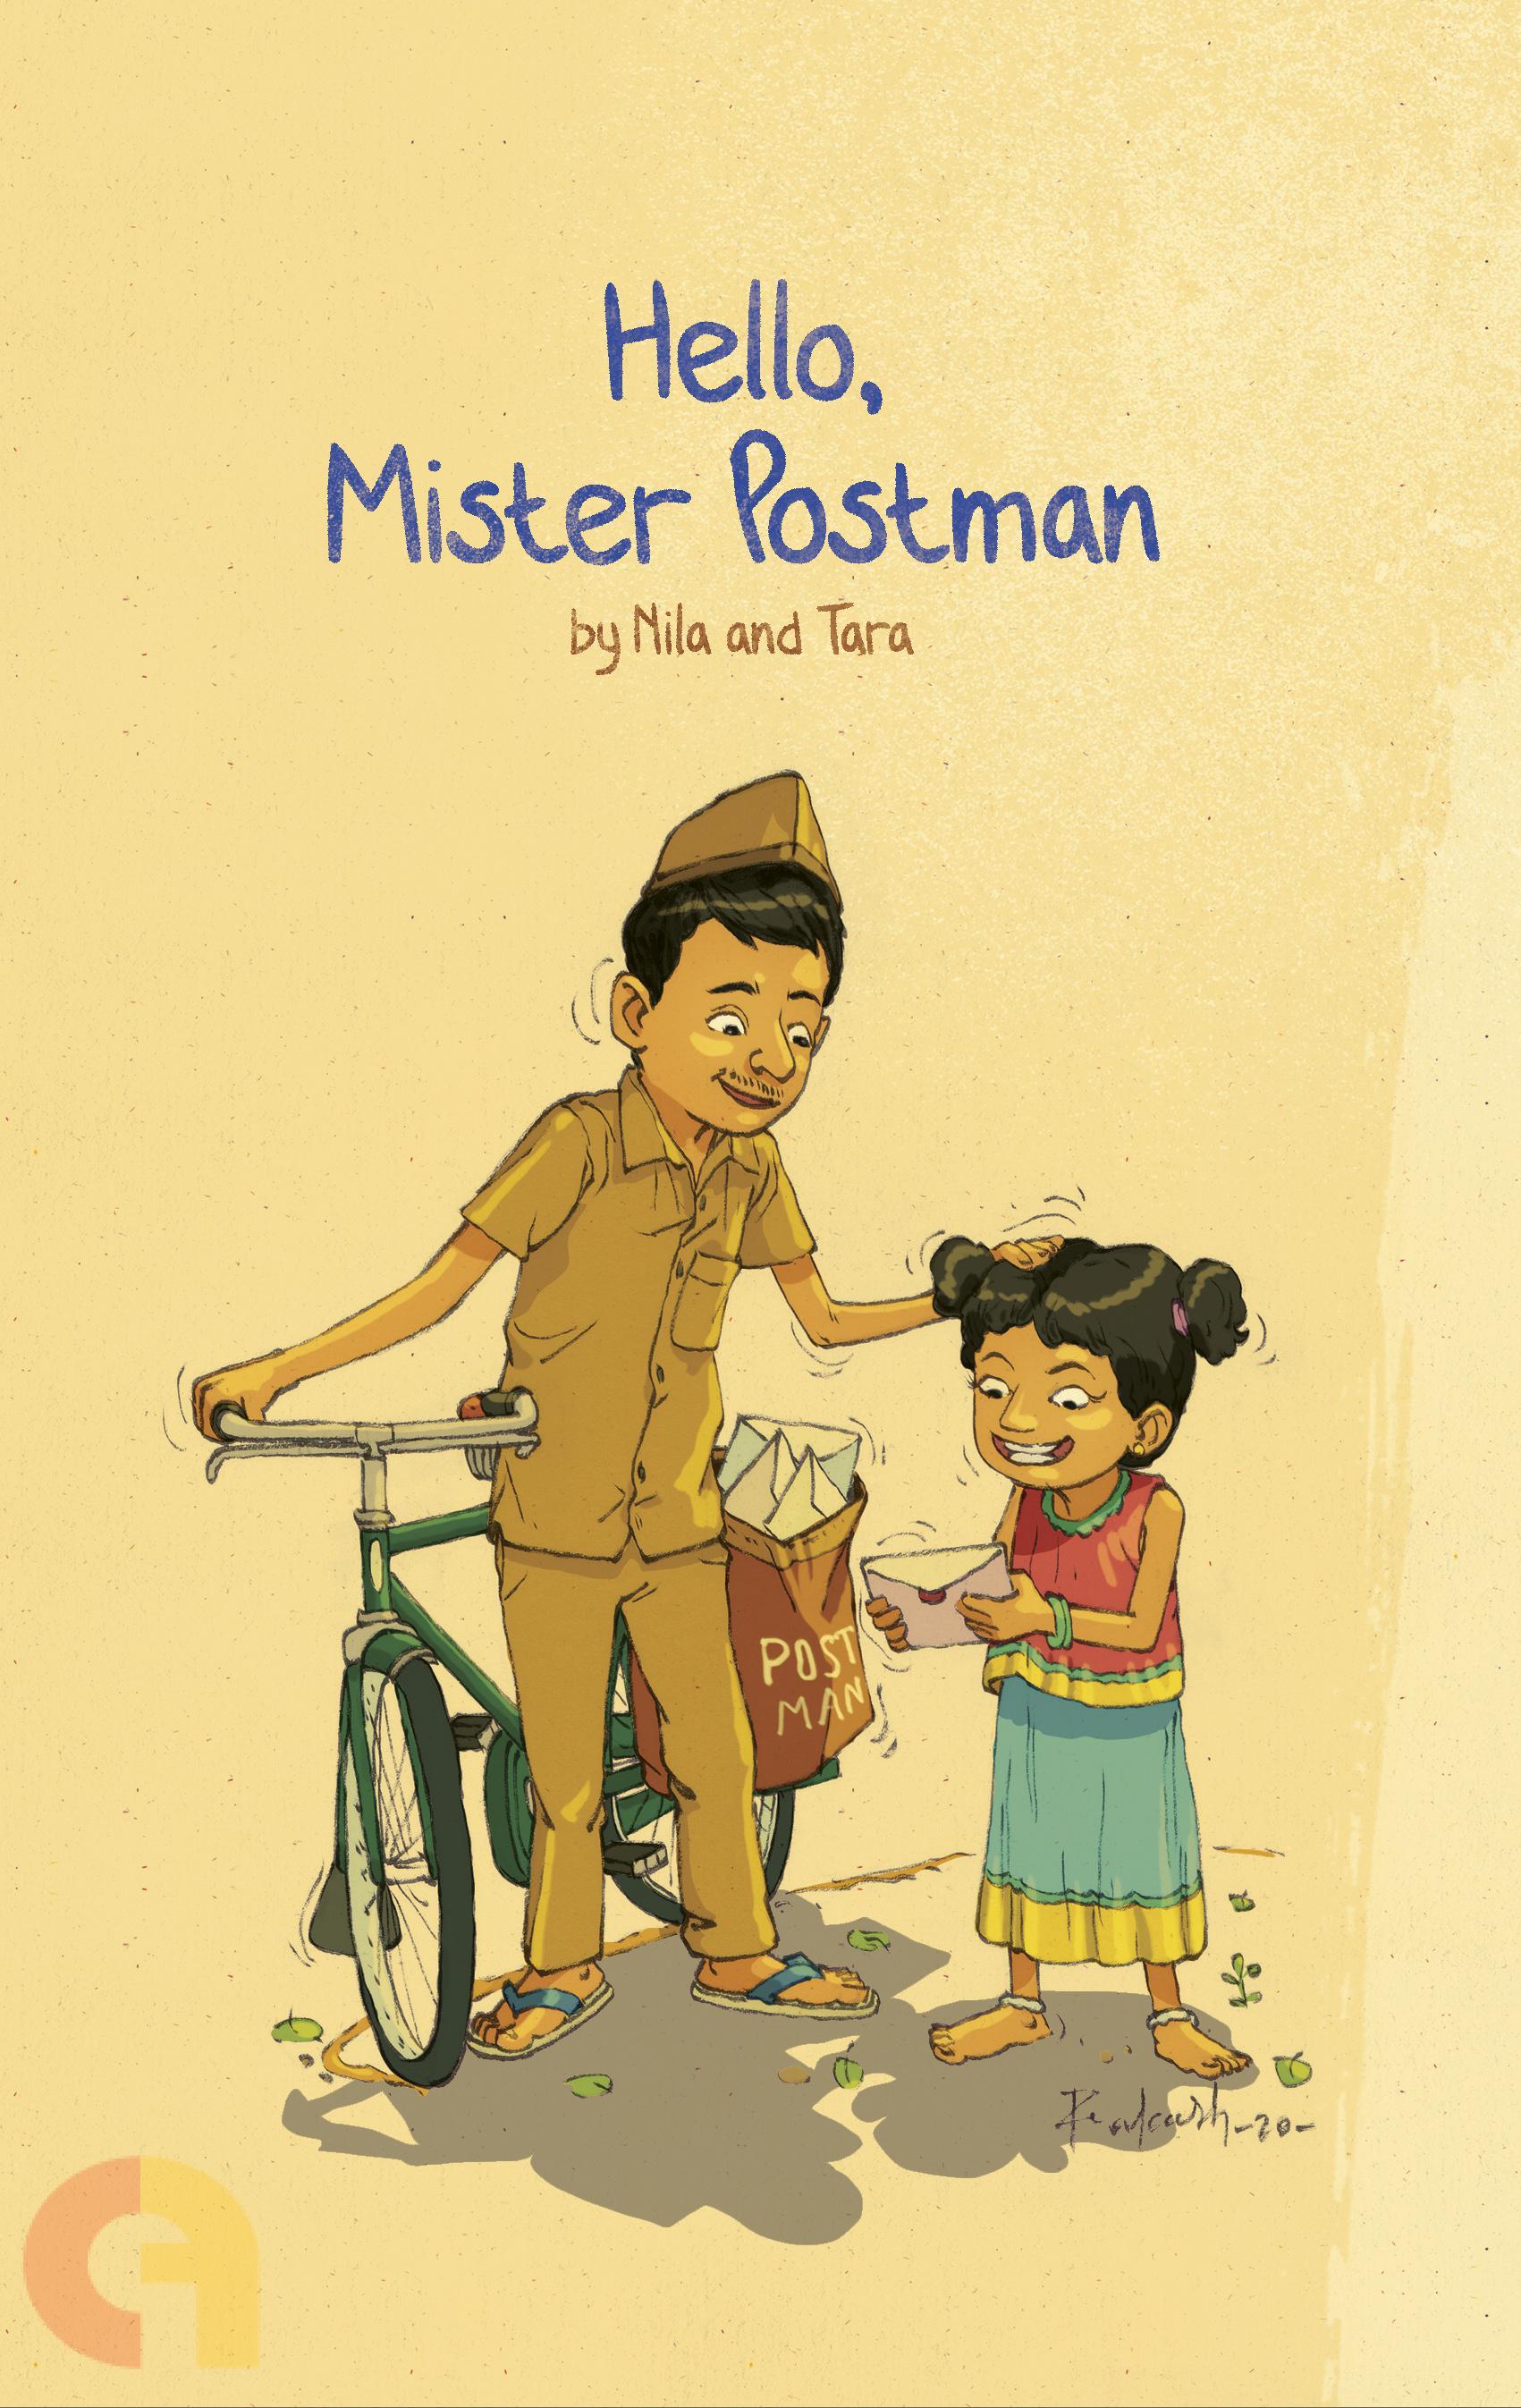 Hello, Mister Postman